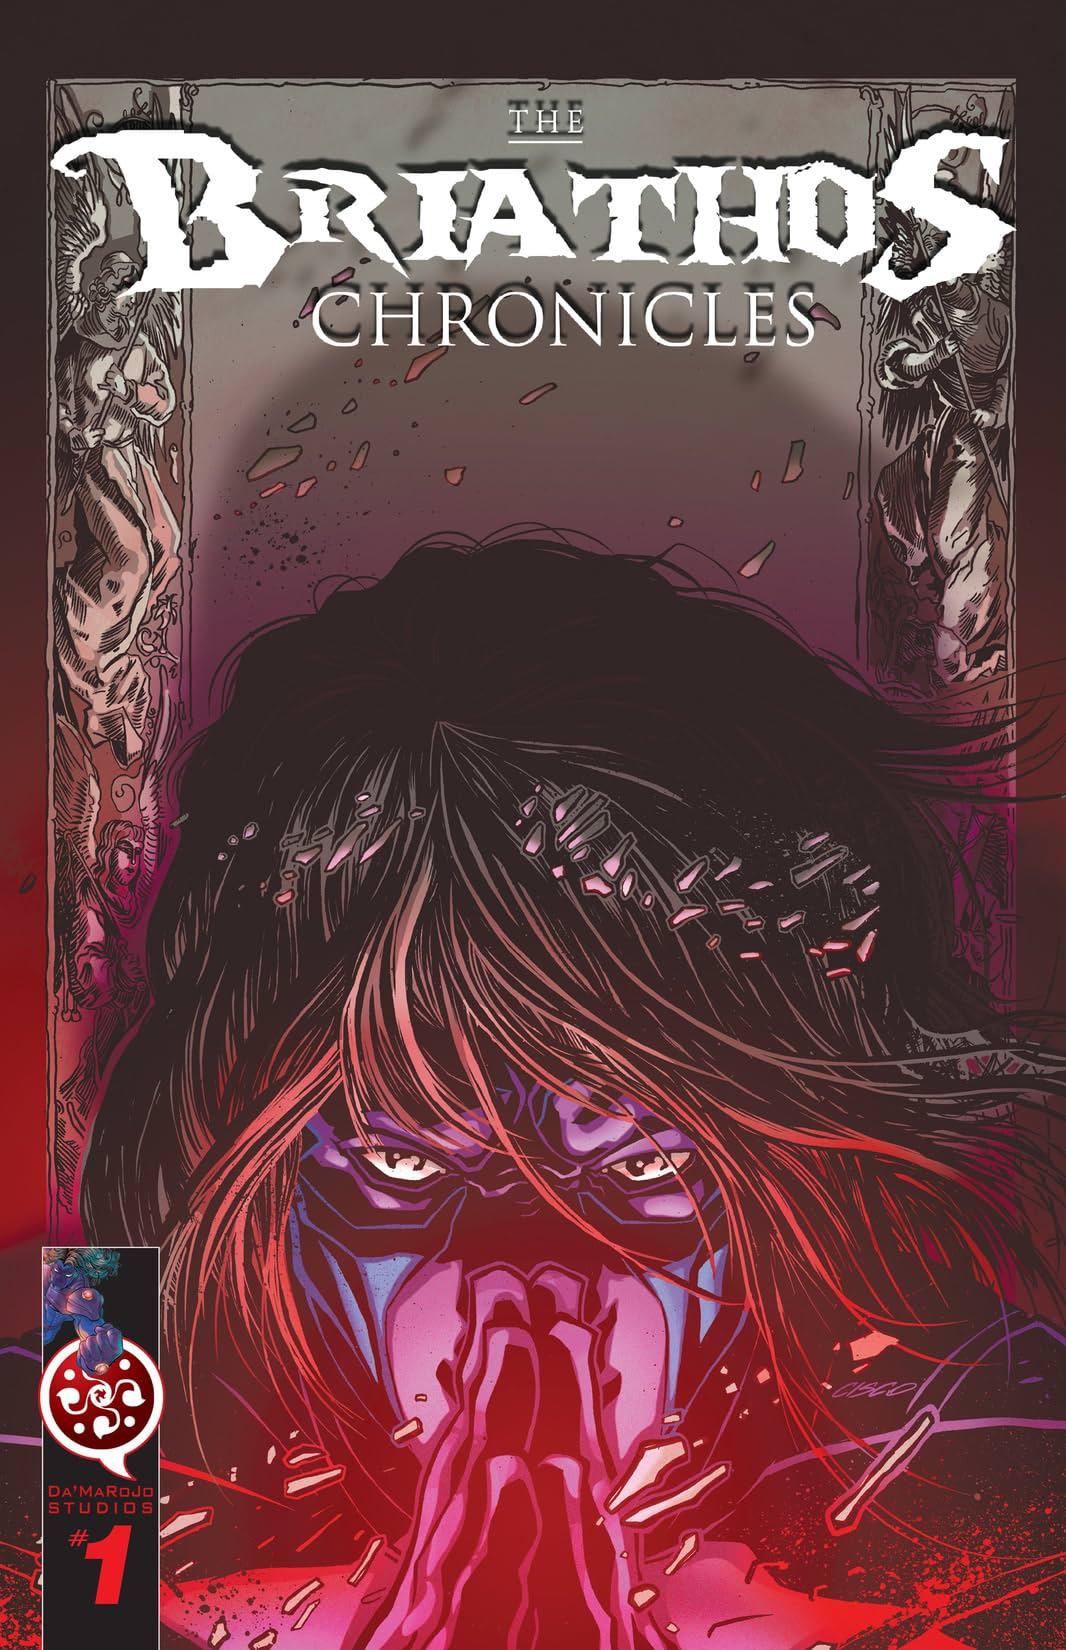 The Briathos Chronicles #1